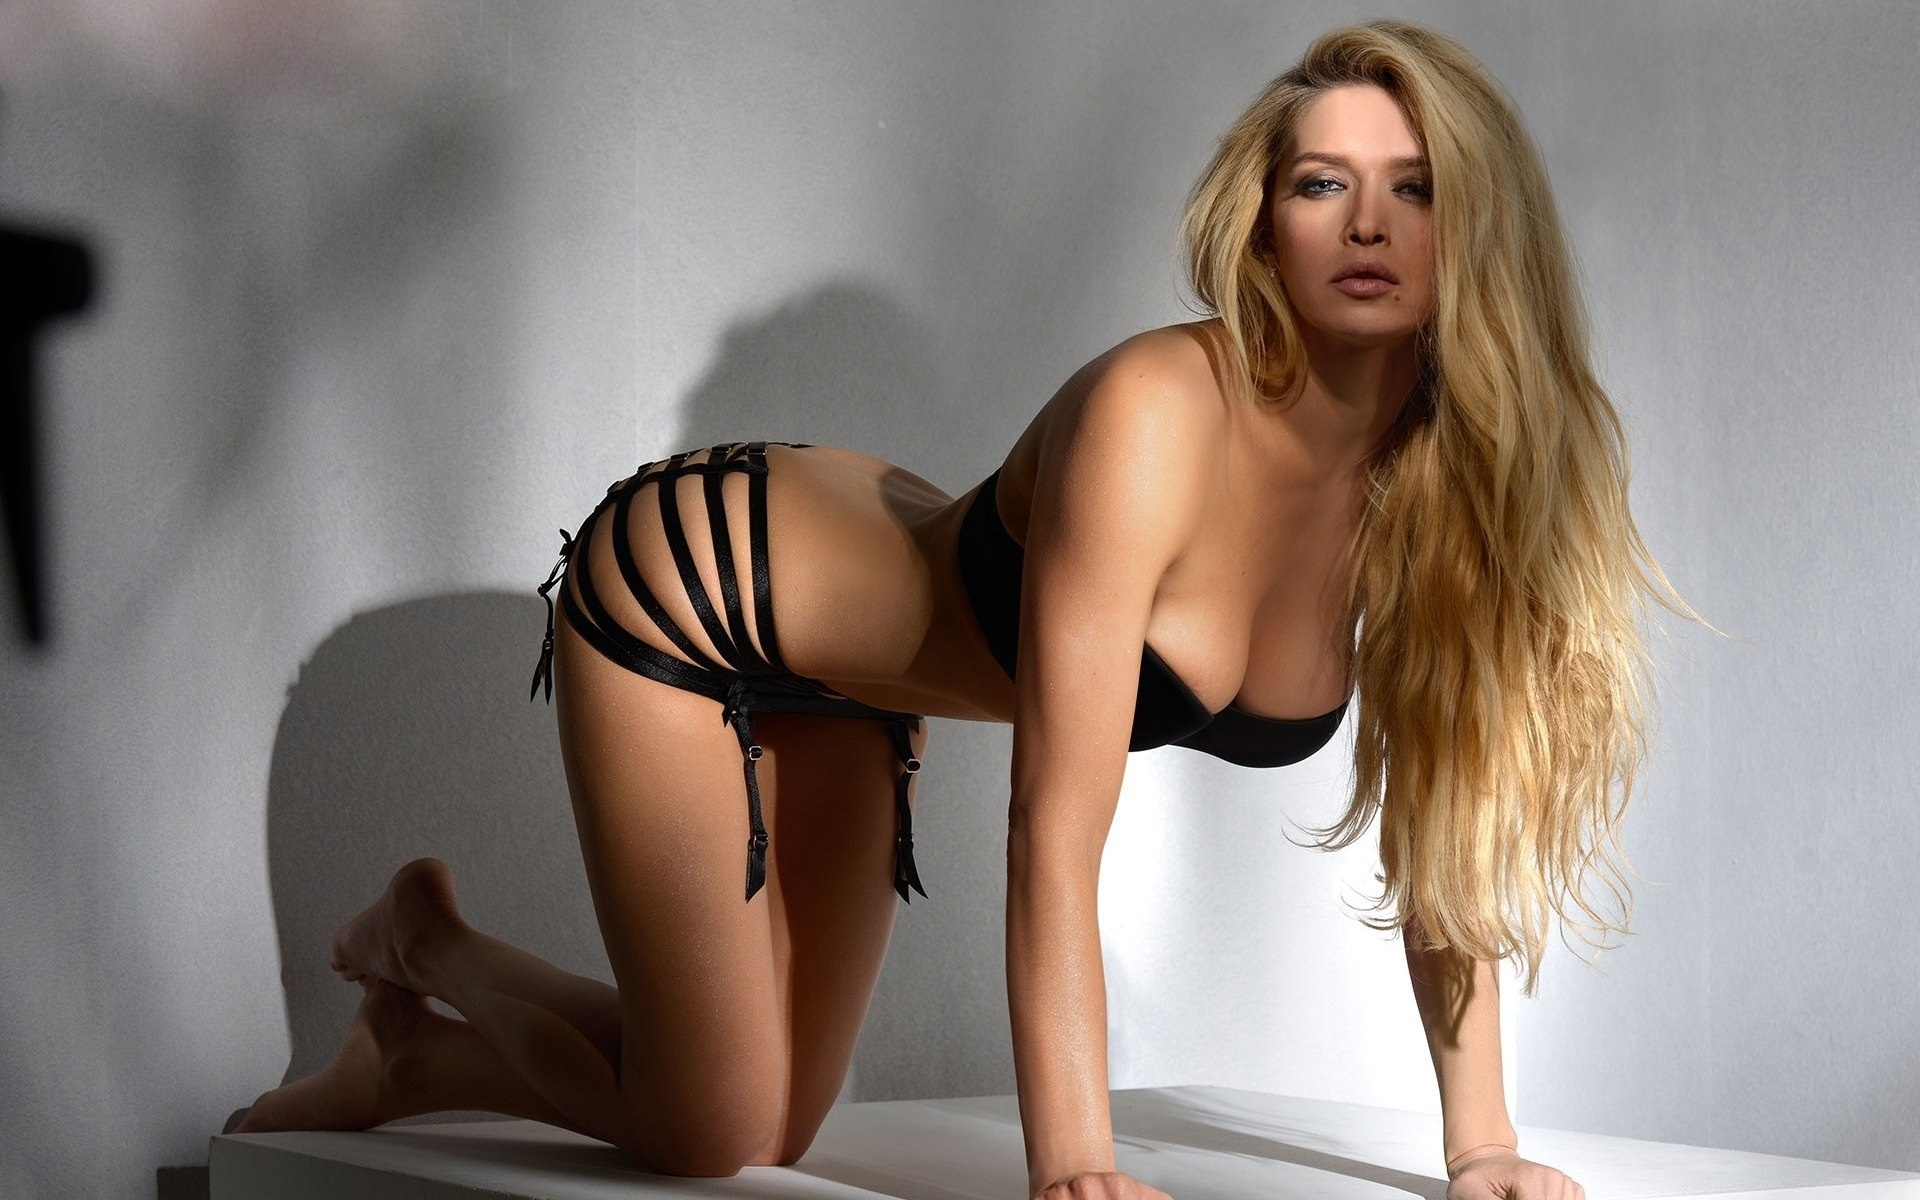 узбекская певица трахается дома - смотреть это порно ...